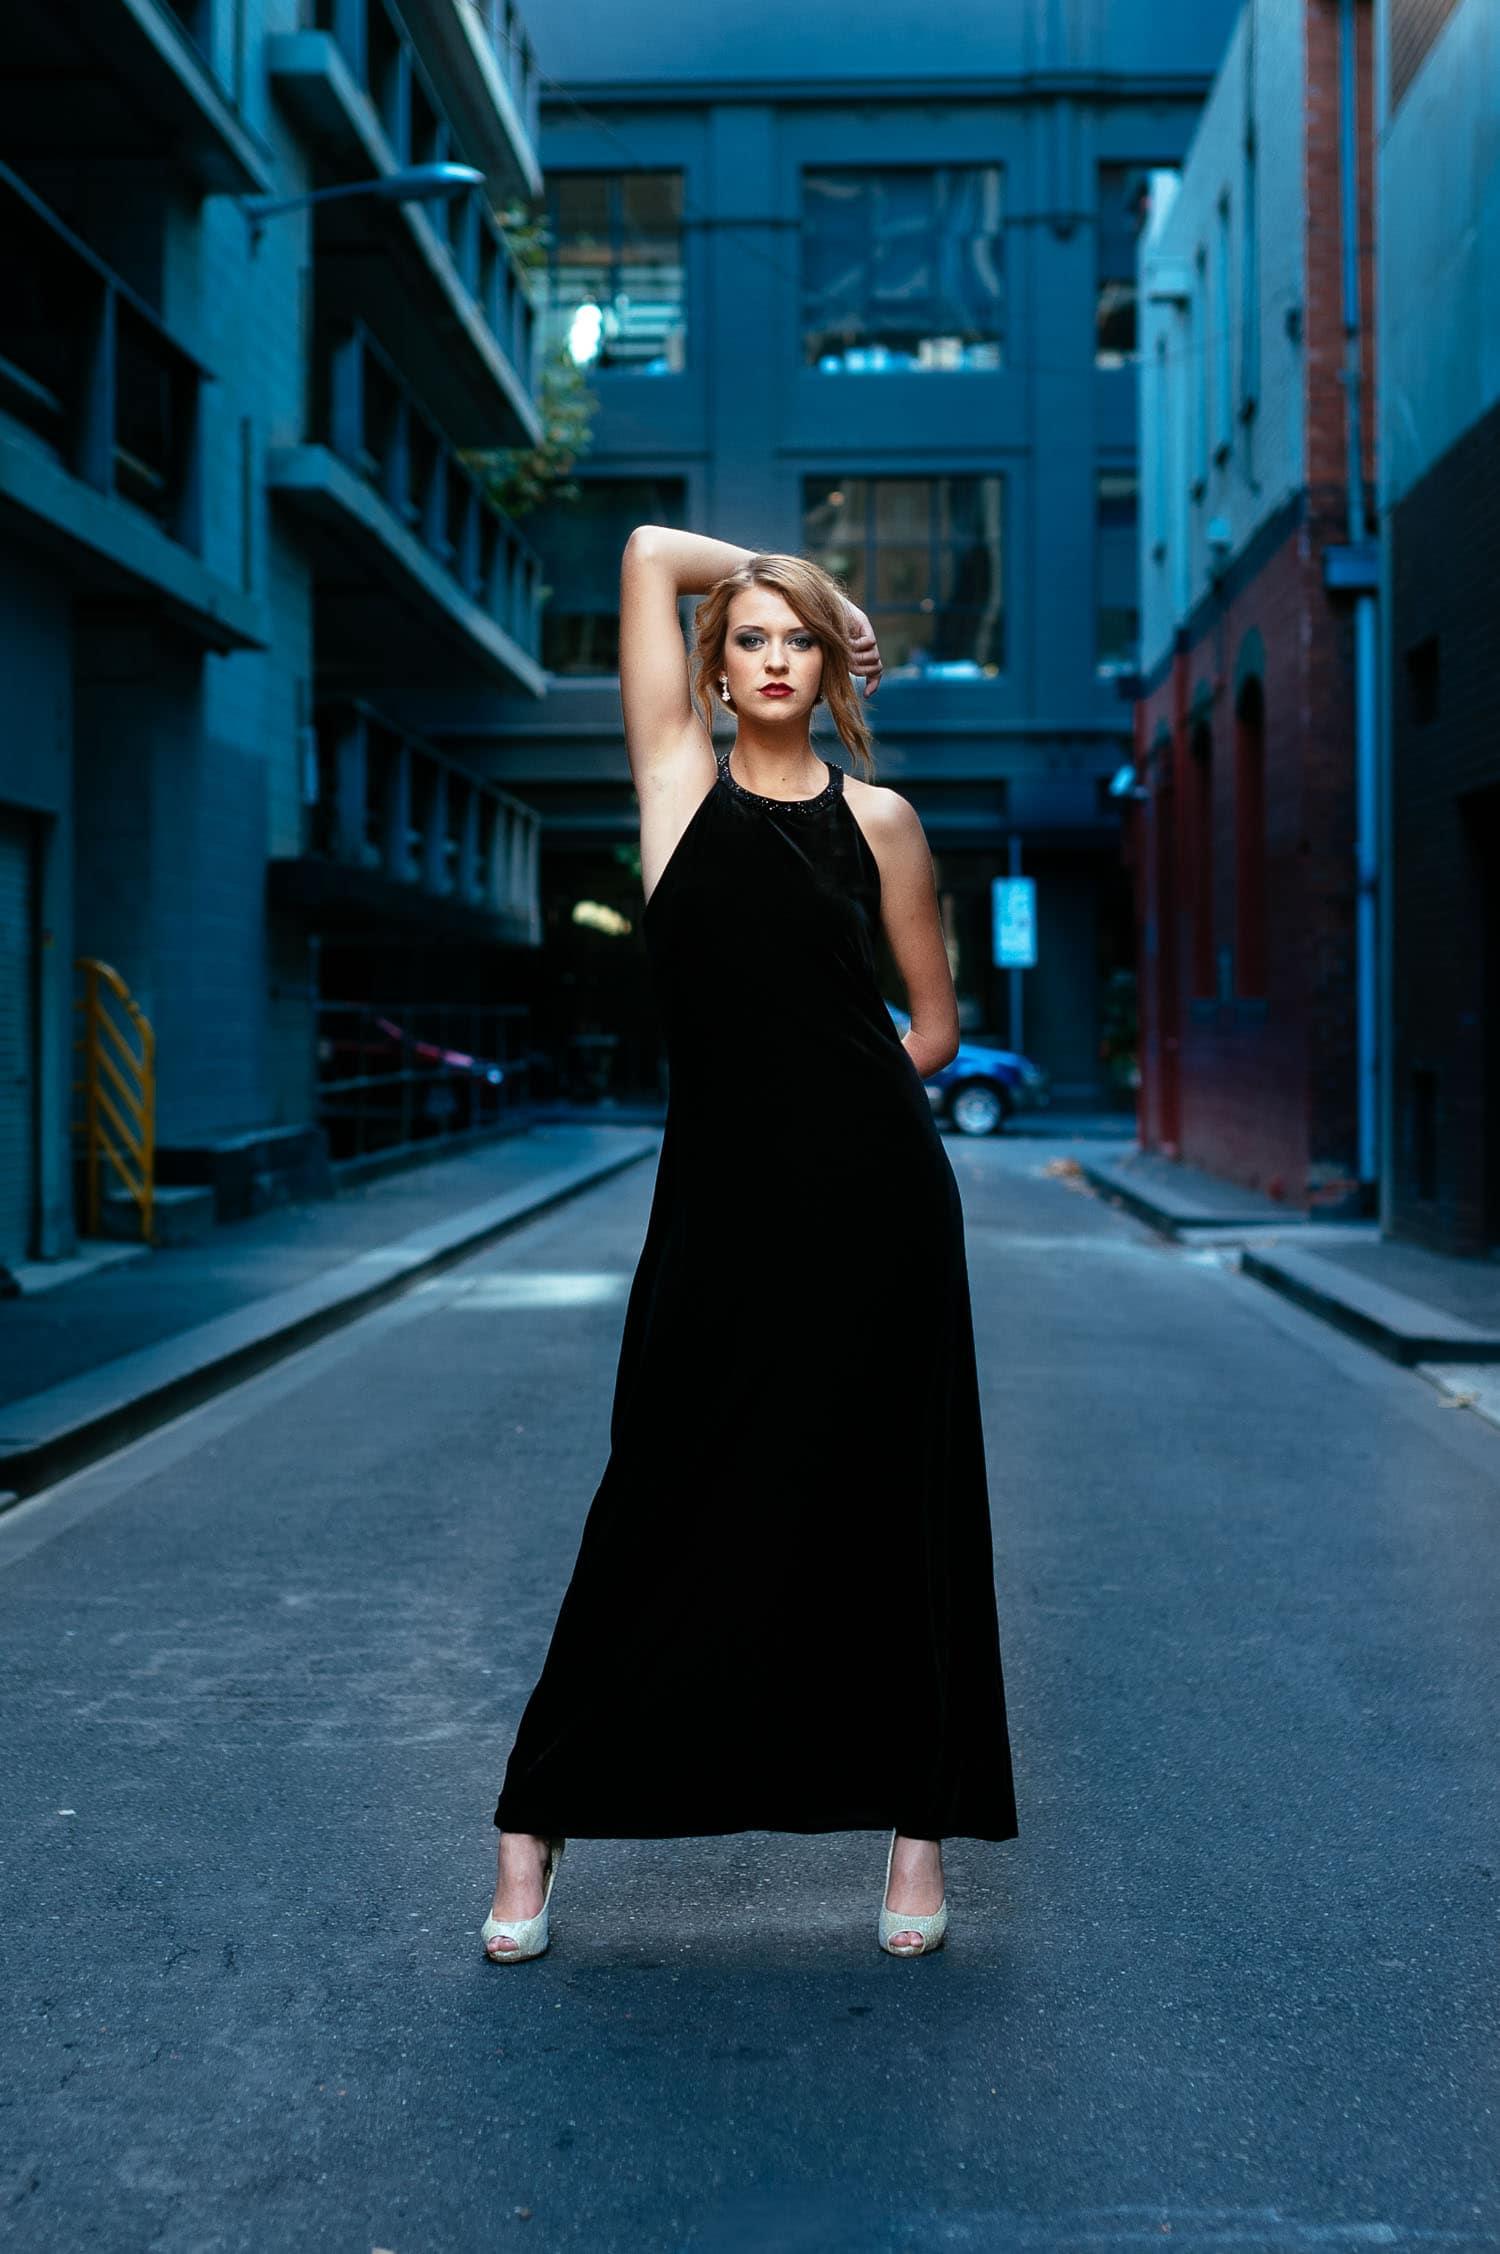 Model posing in Melbourne alleyway